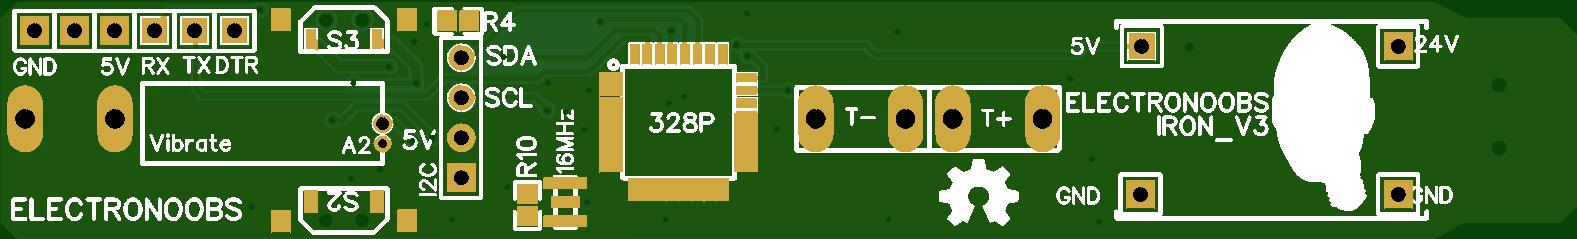 PORTABLE SOLDERING IRON V3 3D case ELECTRONOOBS \ Паяльник